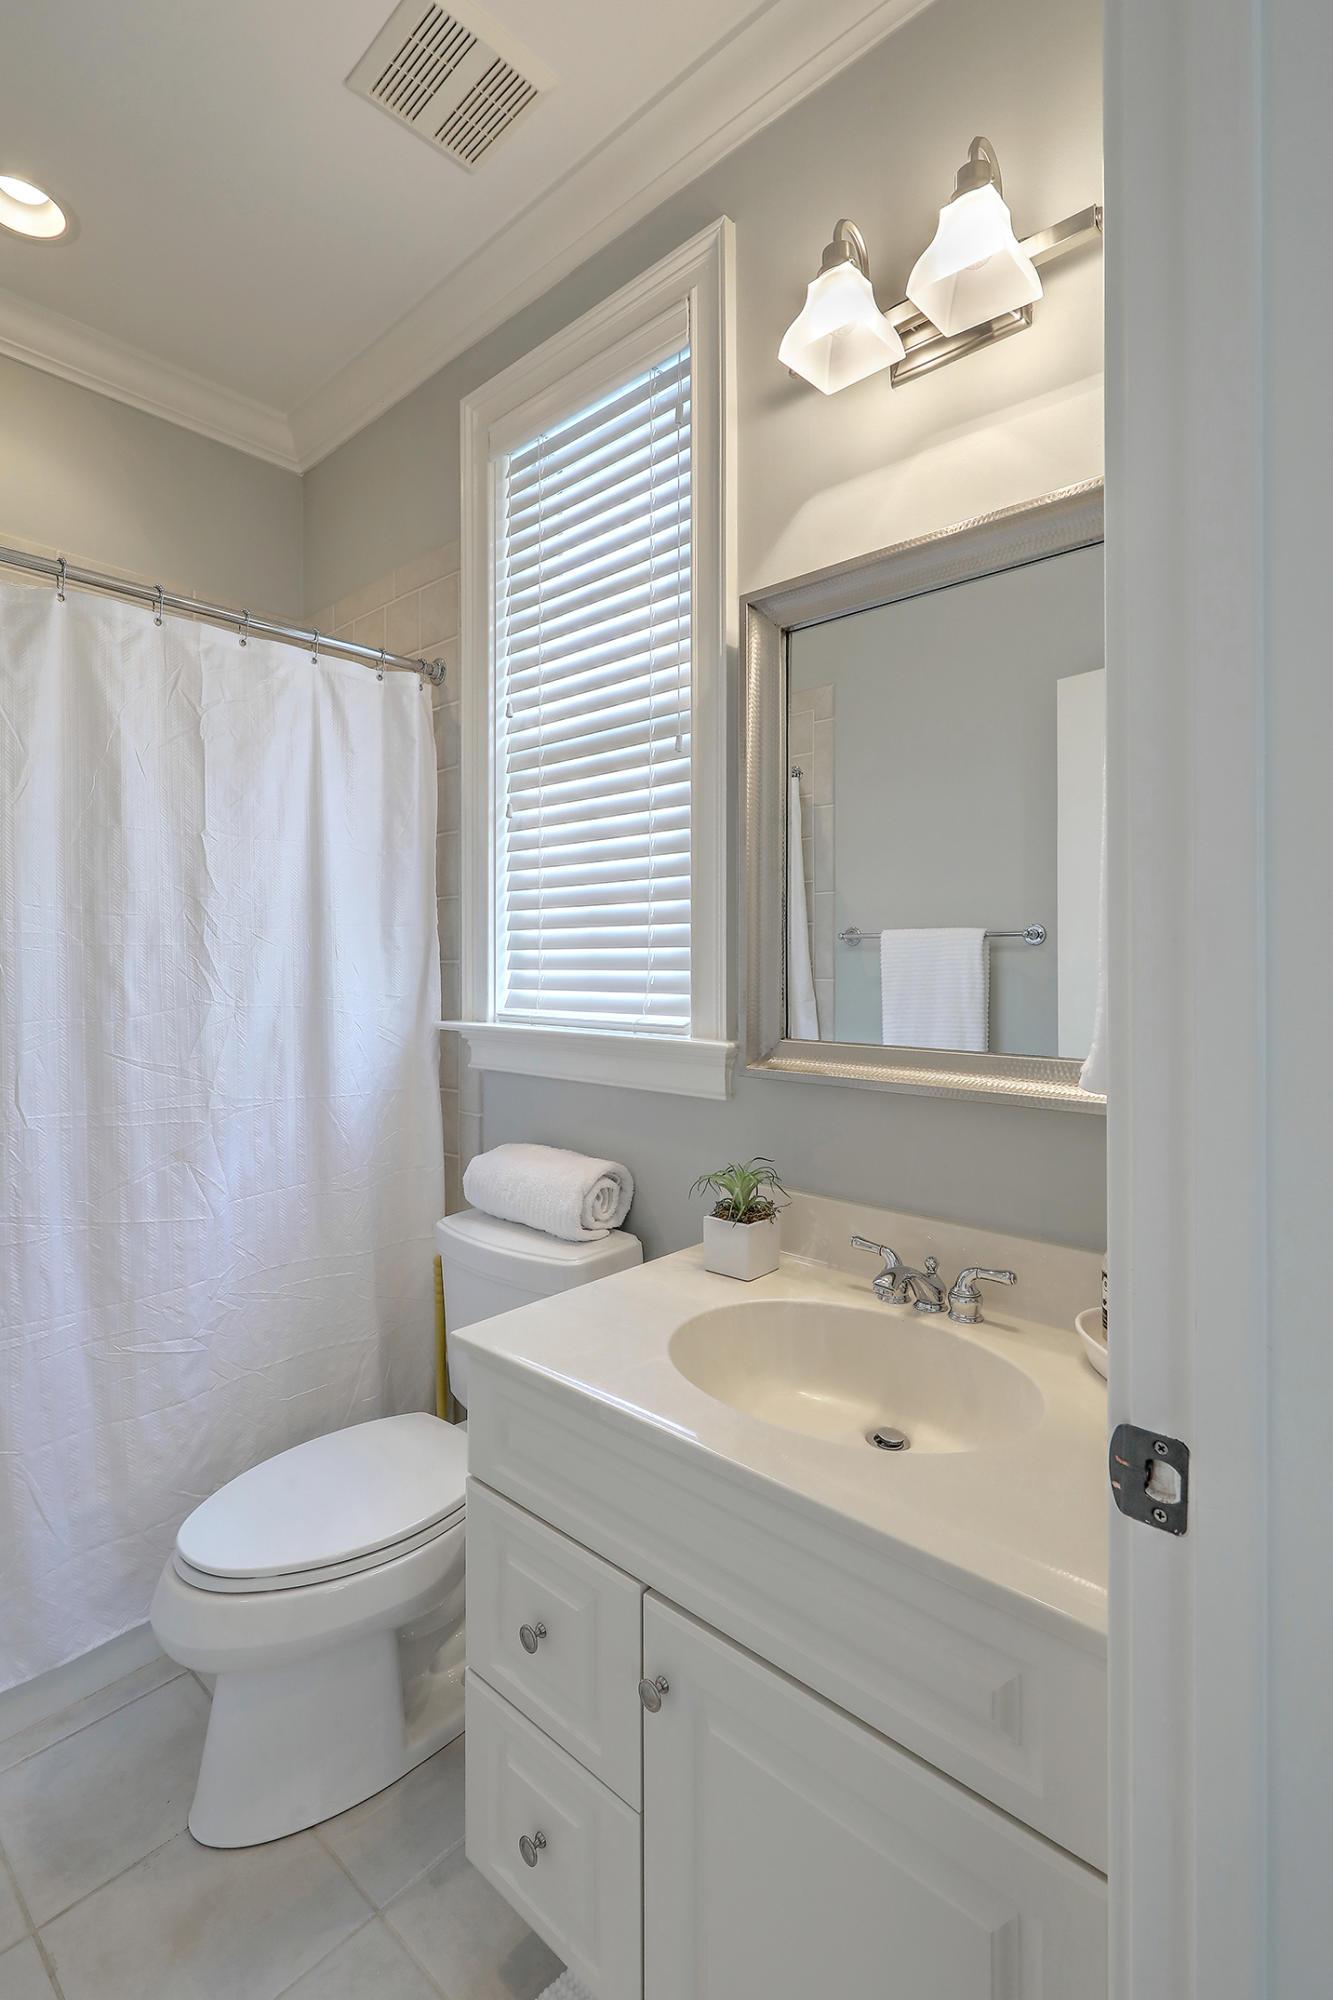 Park West Homes For Sale - 2109 Beckenham, Mount Pleasant, SC - 28